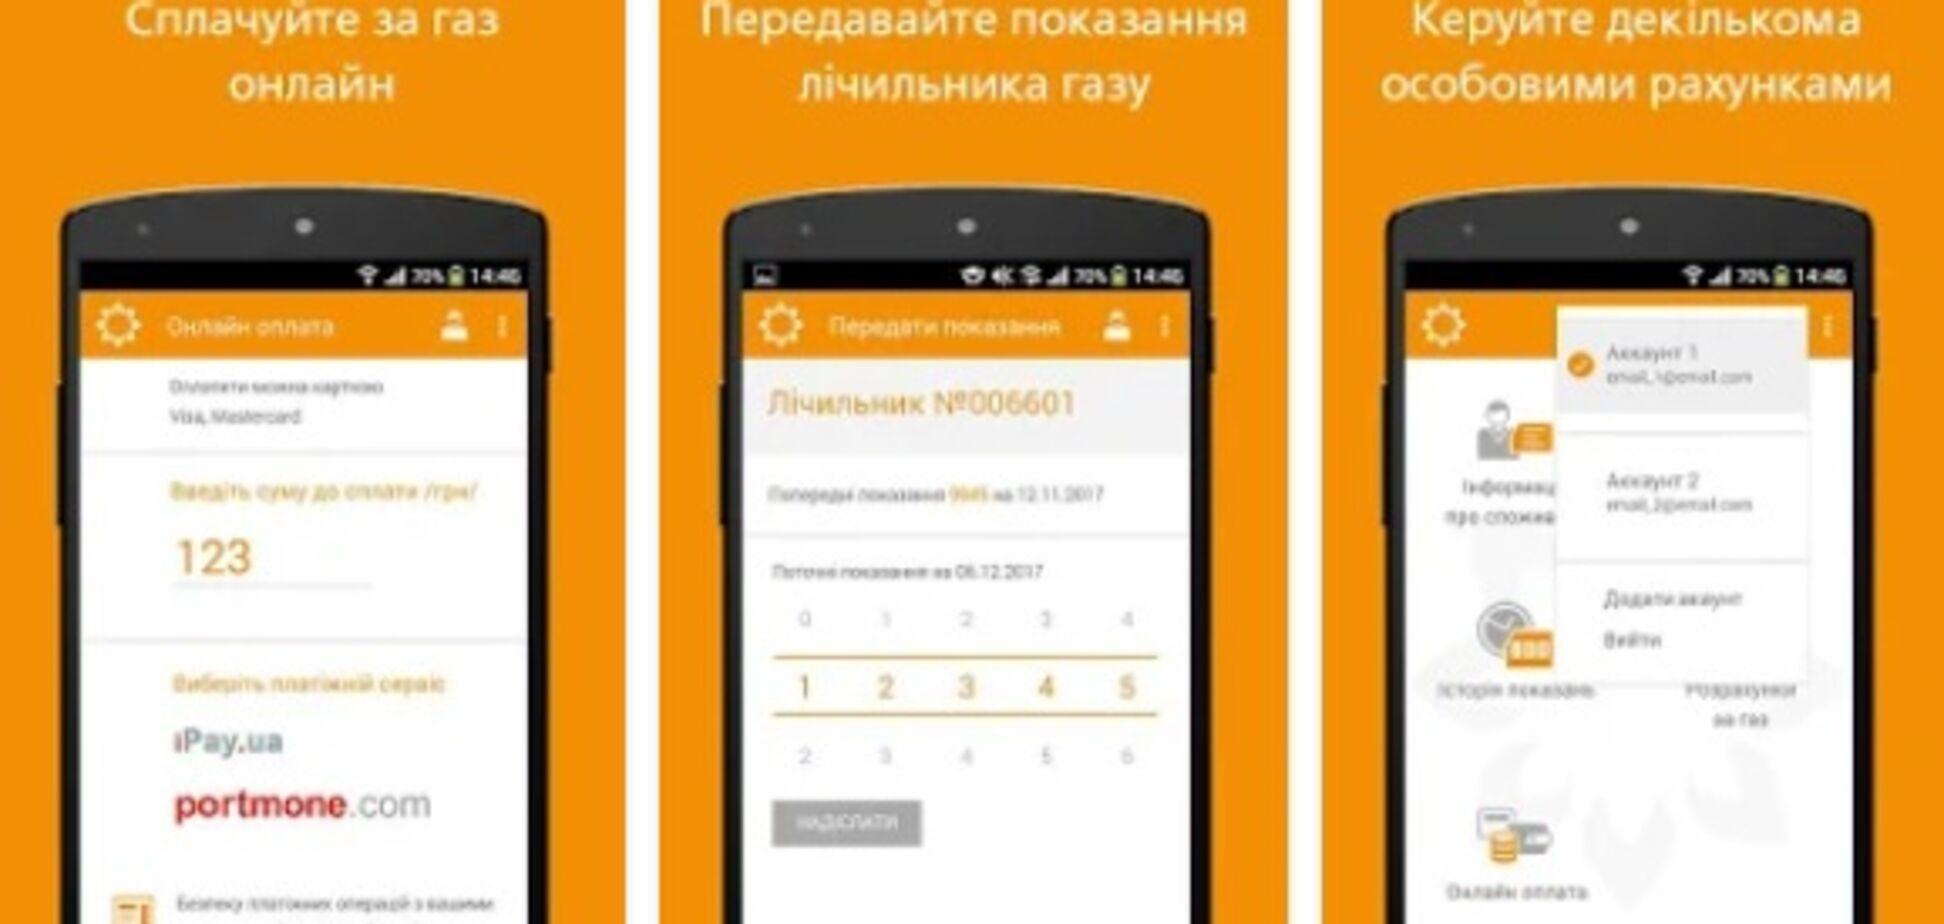 'Запоріжгаз' запустив мобільний додаток для оплати